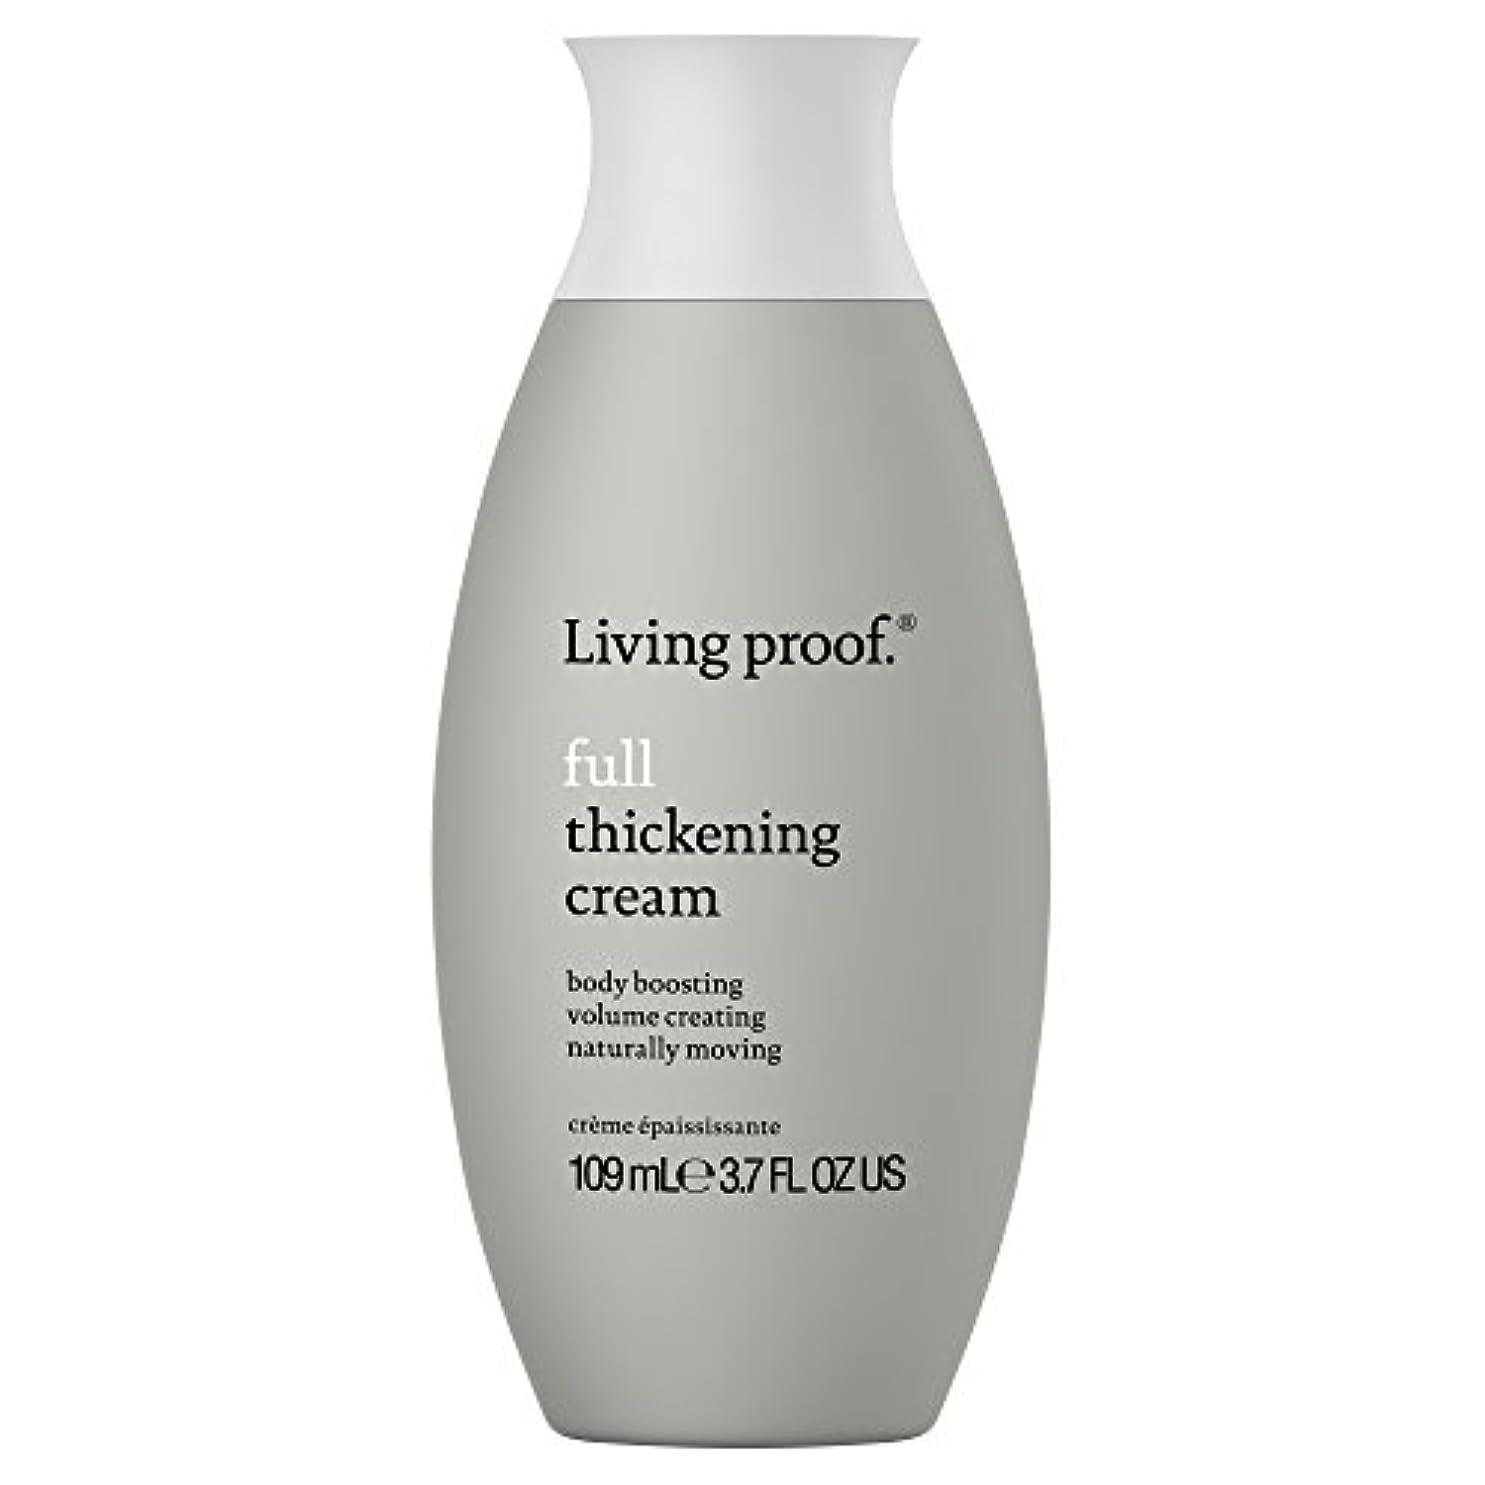 転用大脳進化生きている証拠フル肥厚クリーム109ミリリットル (Living Proof) (x6) - Living Proof Full Thickening Cream 109ml (Pack of 6) [並行輸入品]